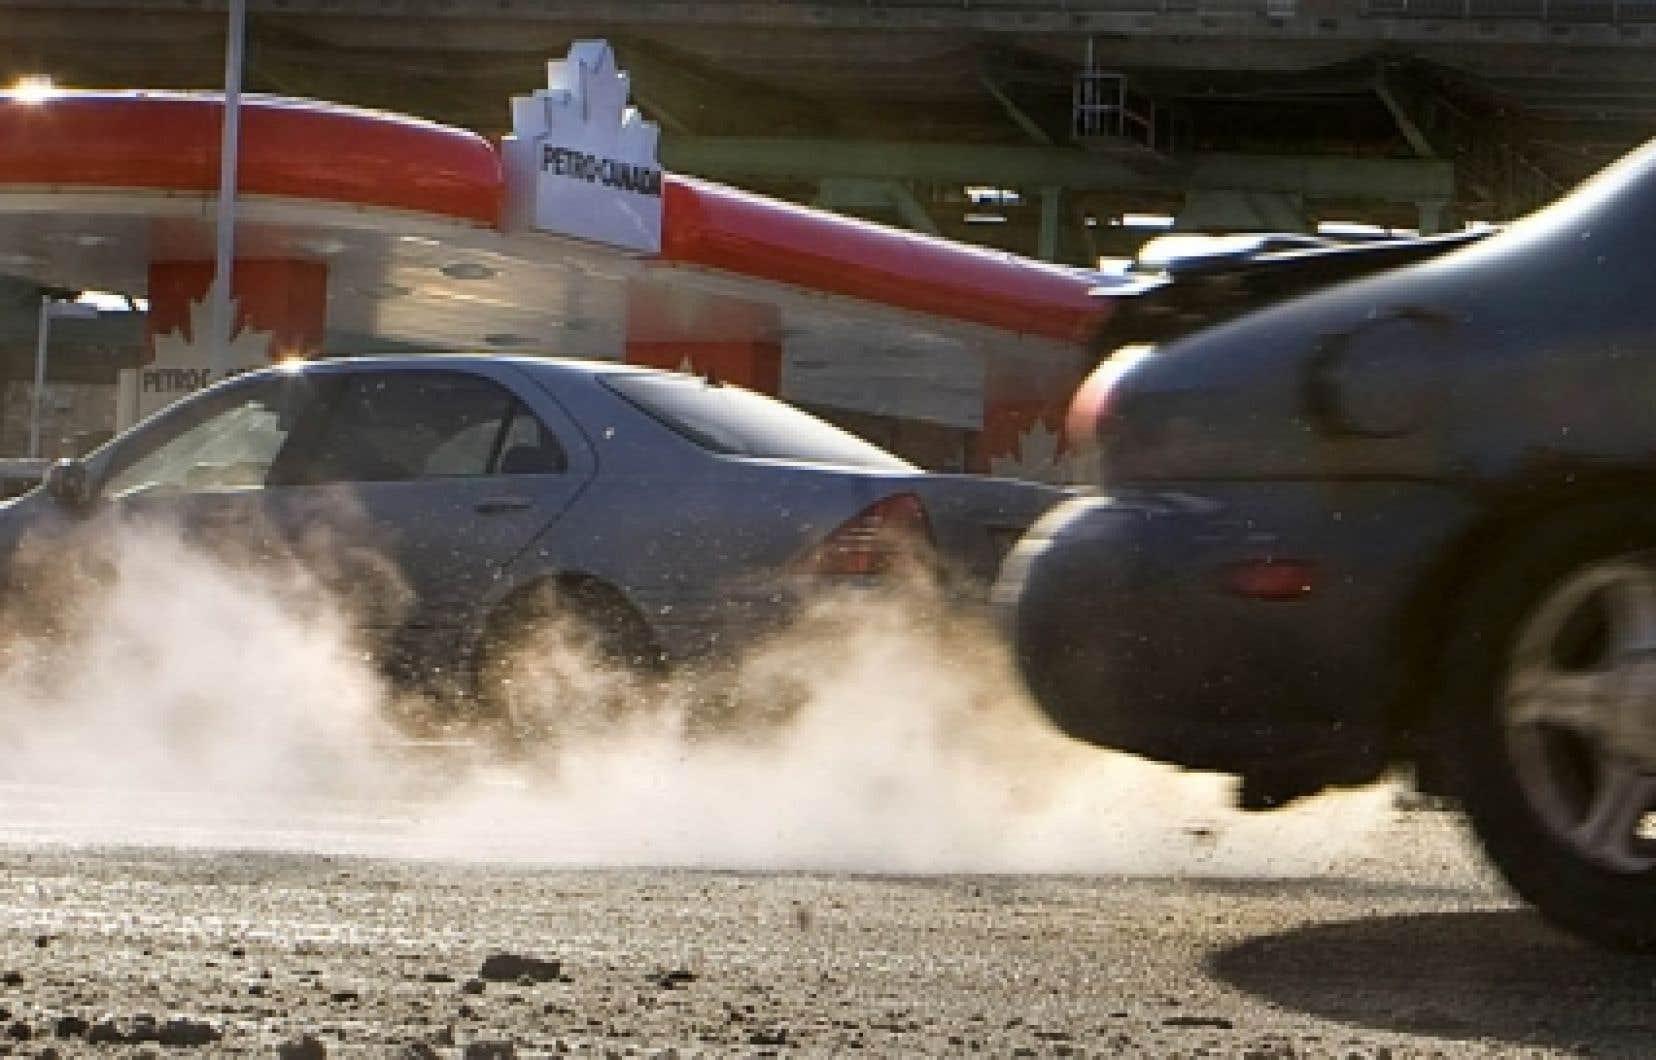 Québec a annoncé hier l'entrée en vigueur, à la mi-janvier, du règlement sur les émissions de GES des véhicules automobiles, dont les normes s'inspirent largement de celles mises en œuvre en Californie.